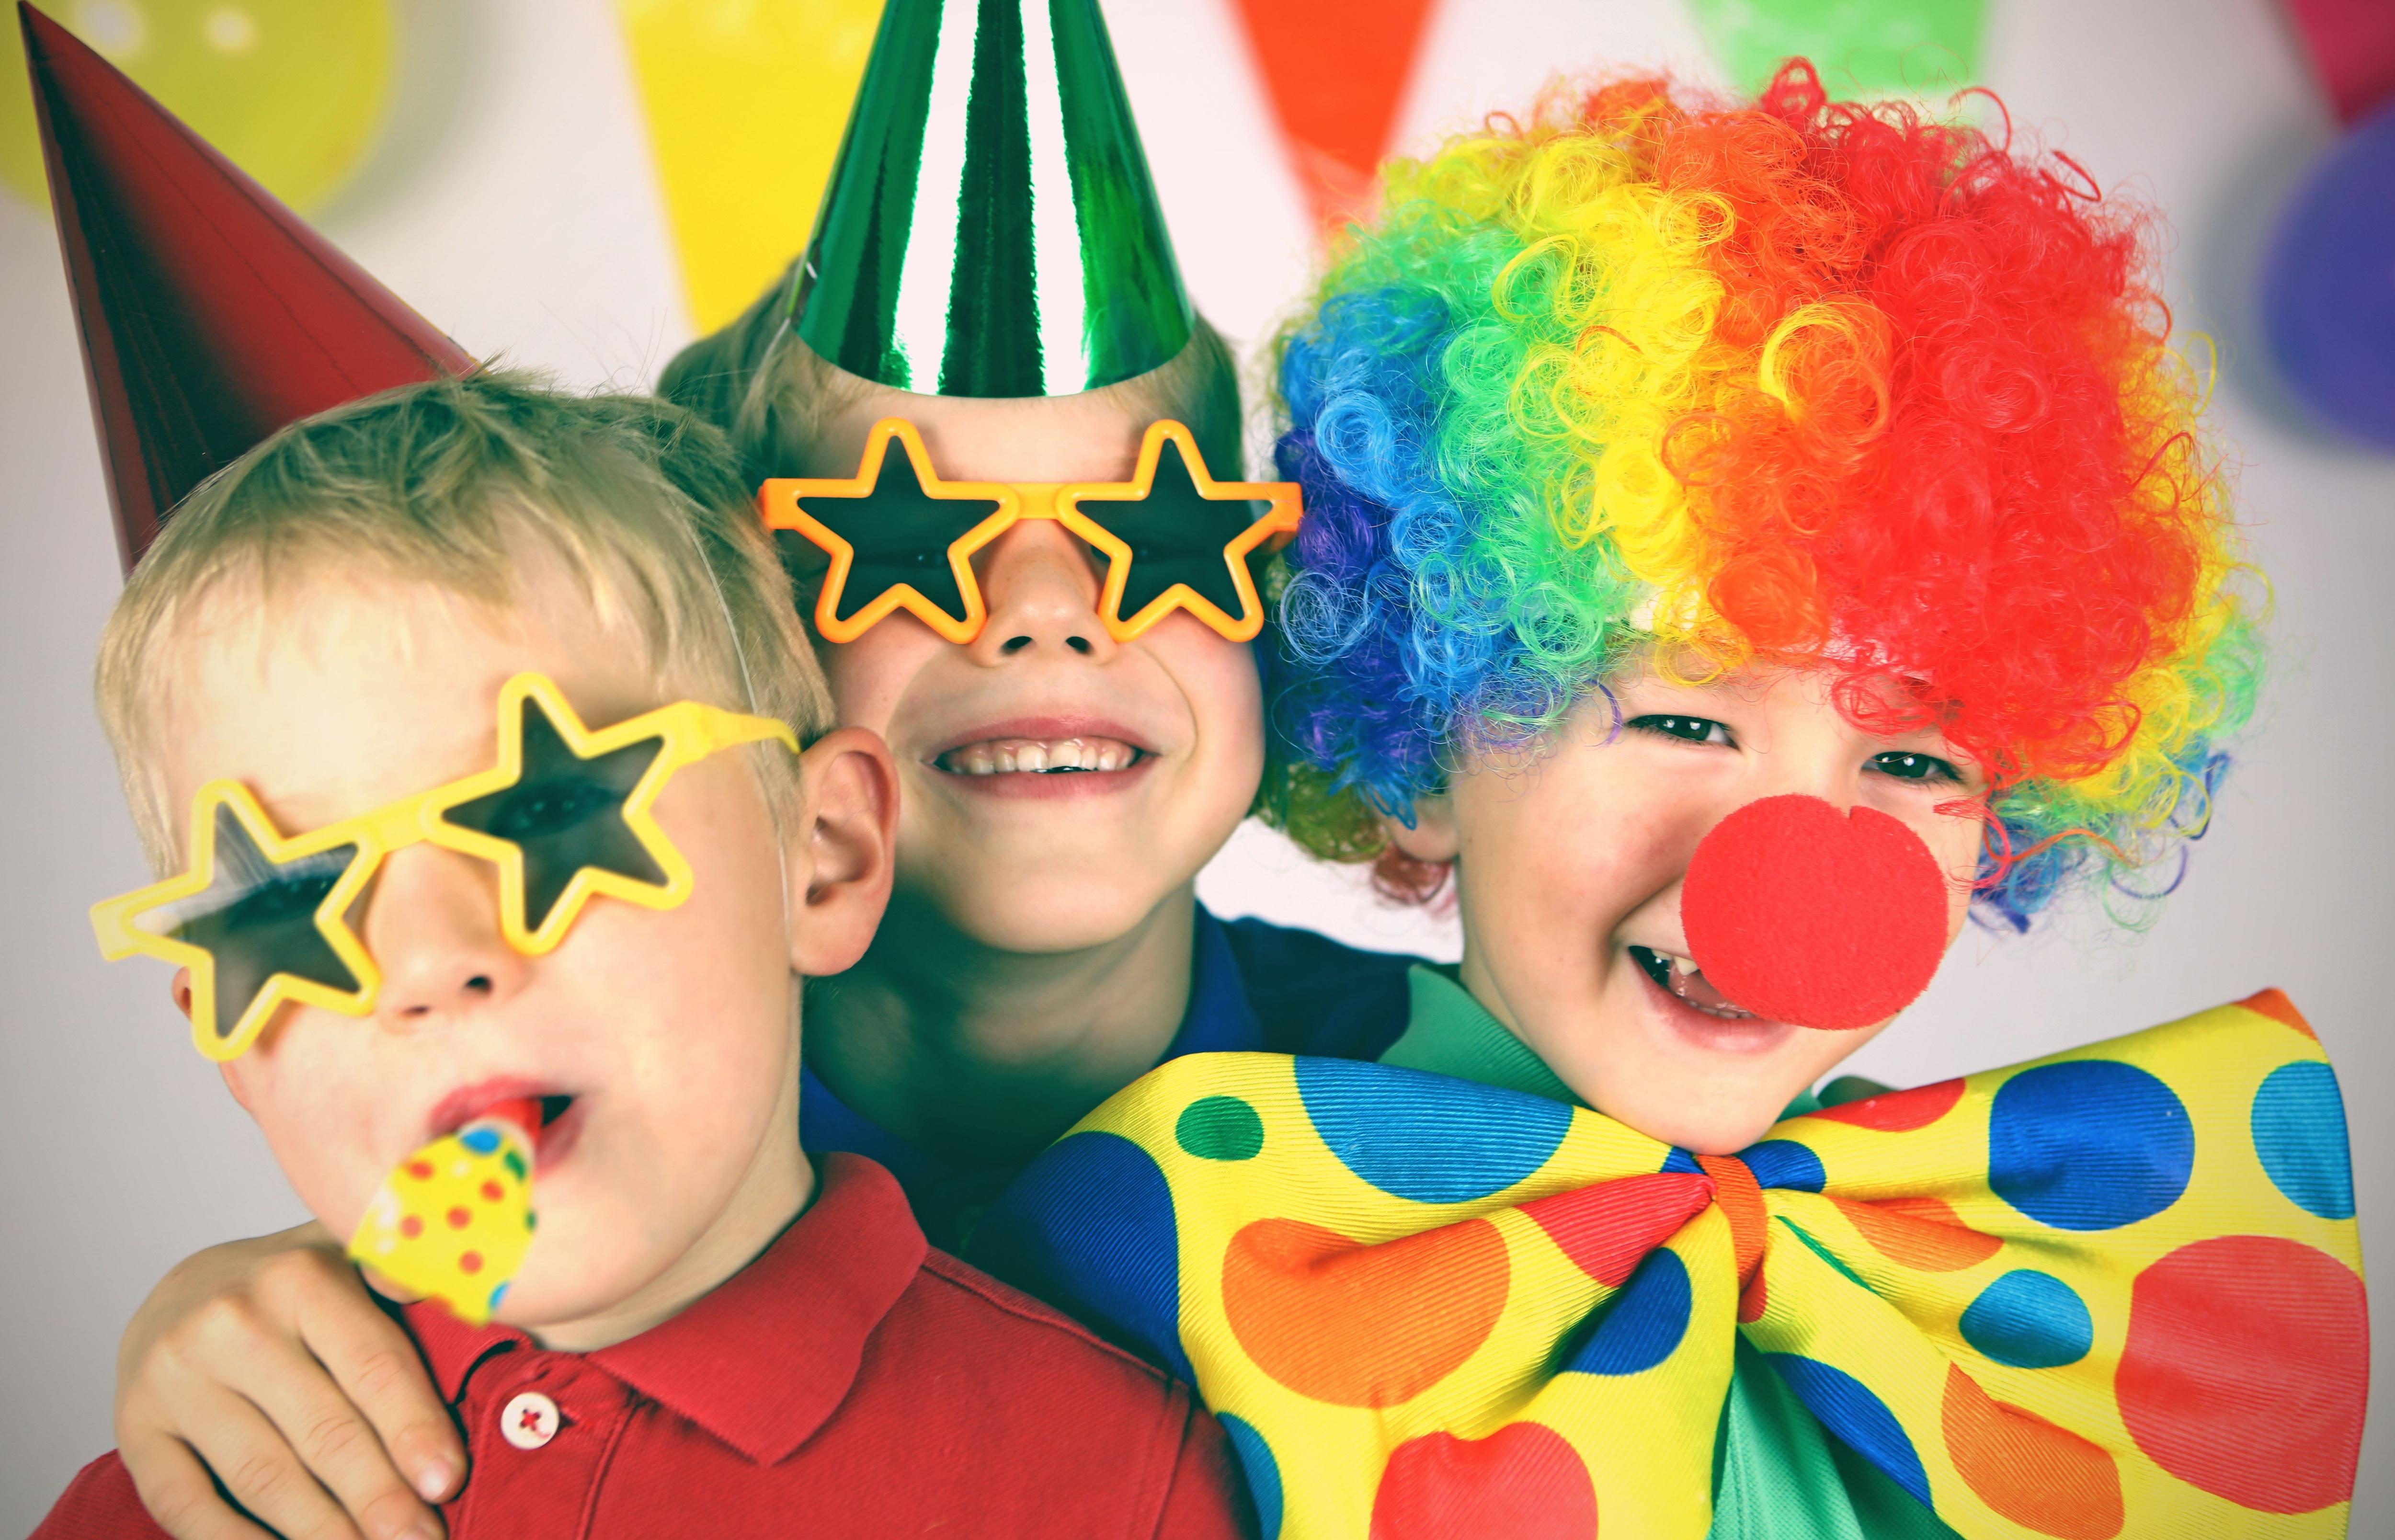 Das passende Kostüm für Kinder zum Karneval